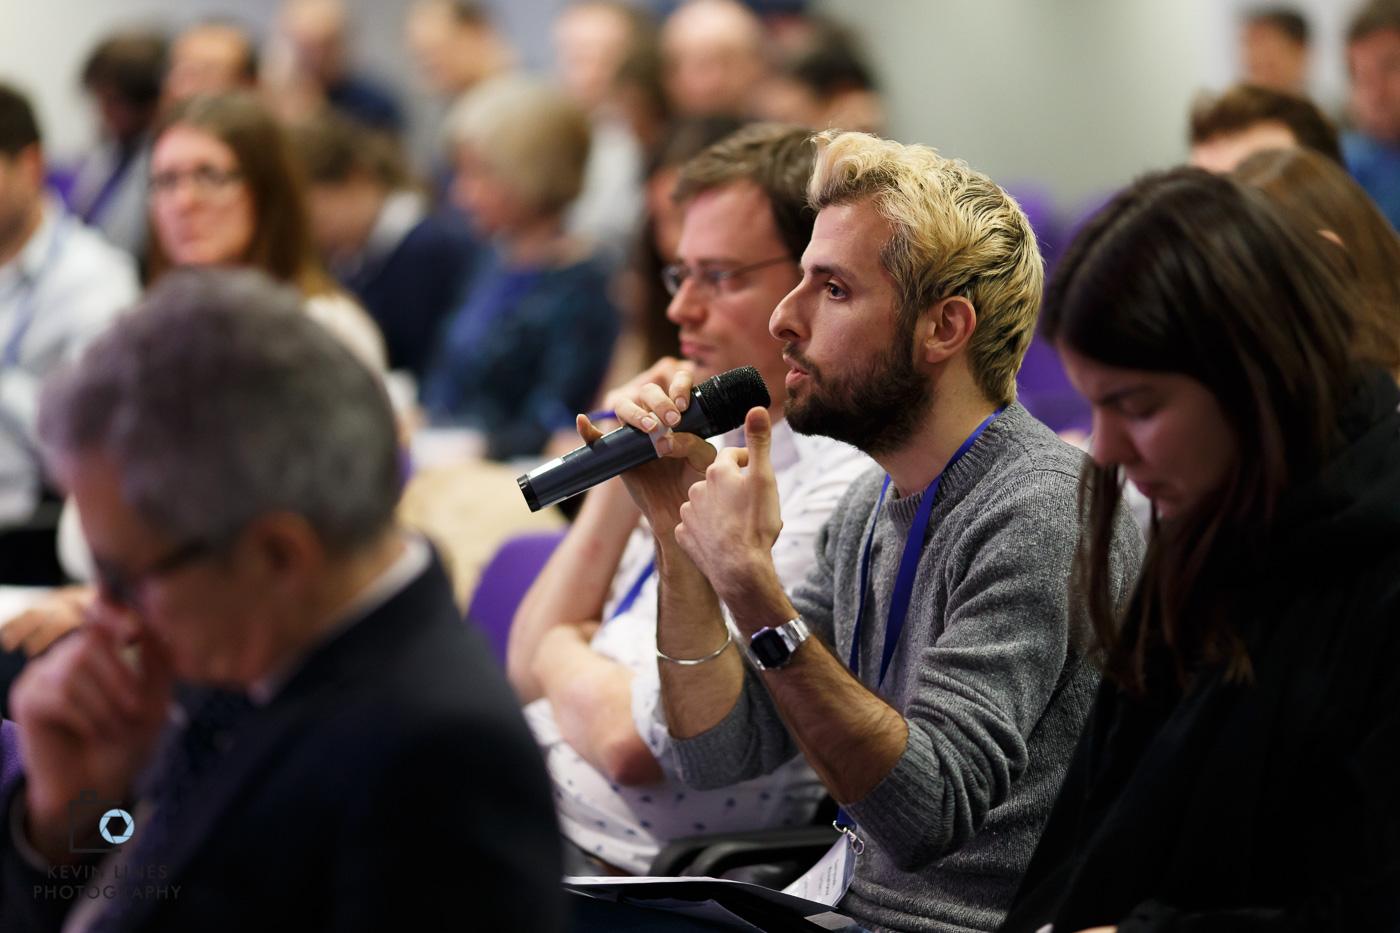 esrc-press-officer-conference-11.jpg